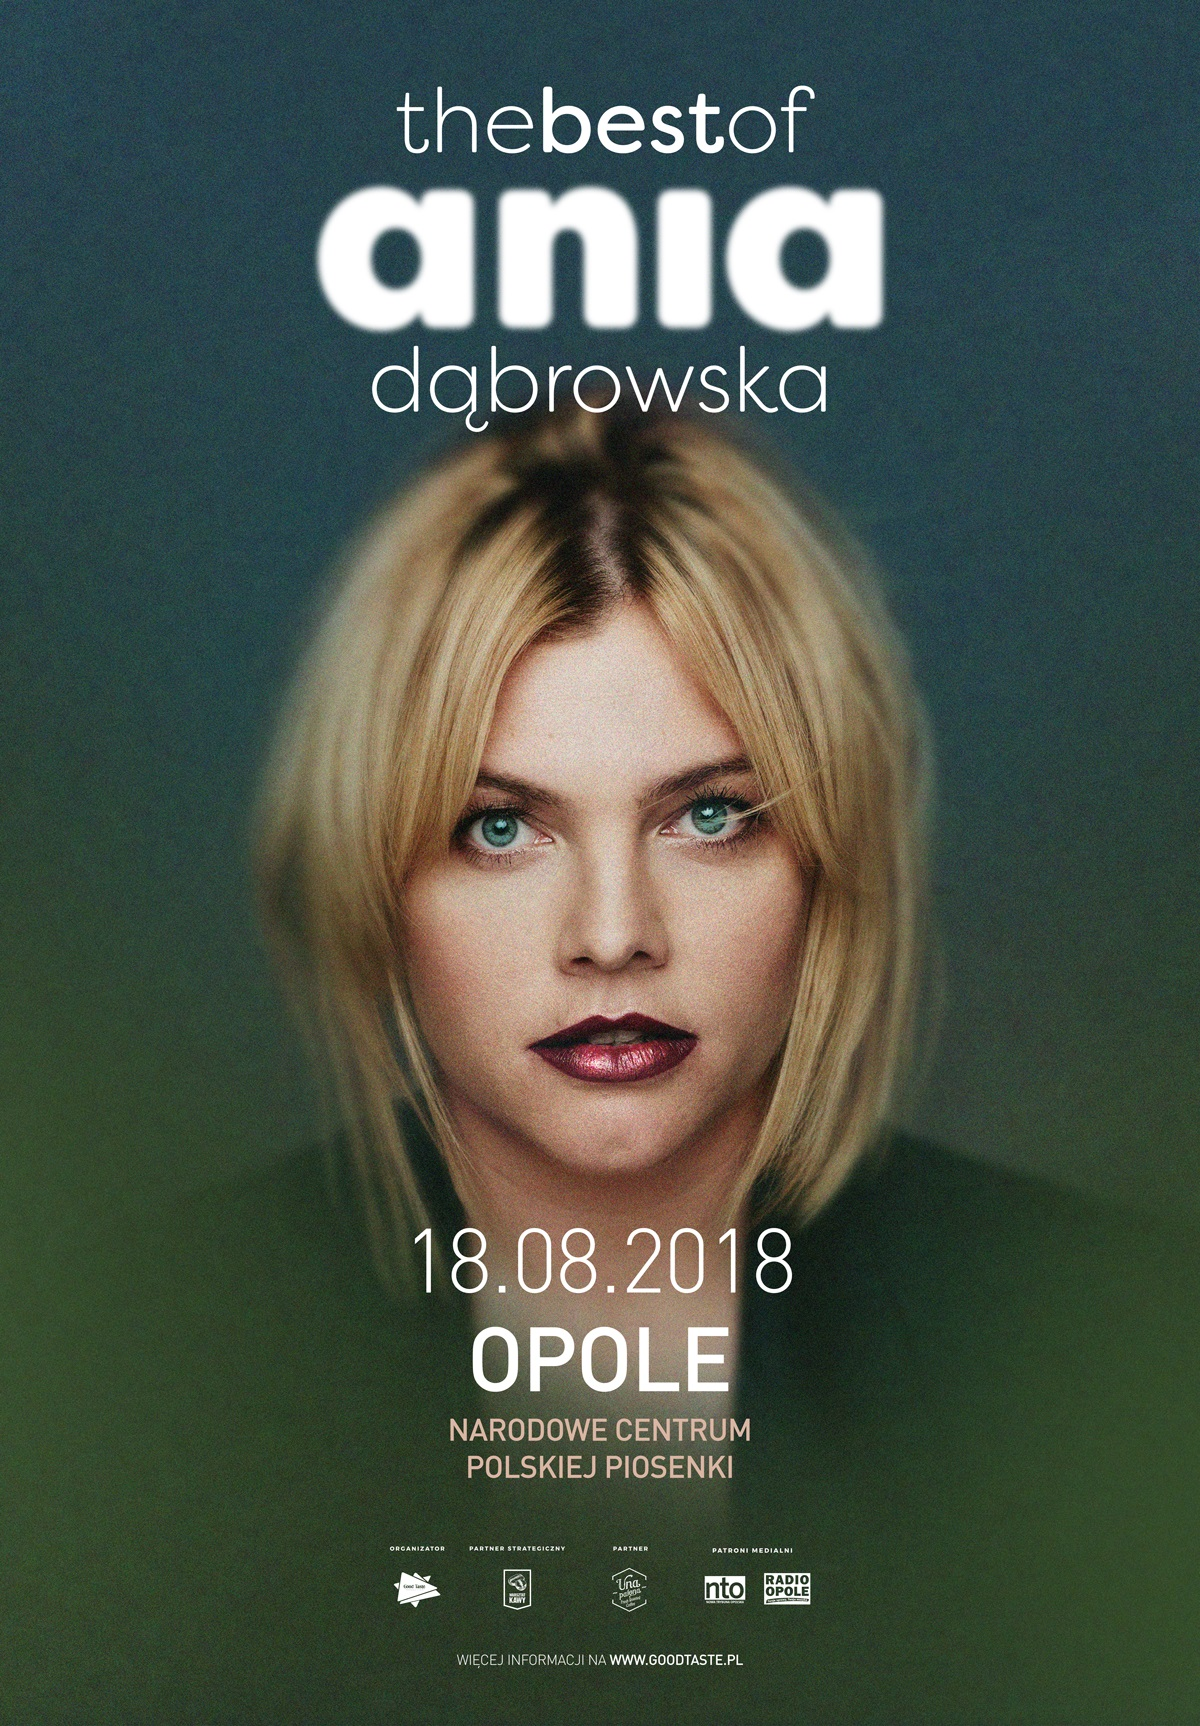 Ania Dąbrowska wystąpi w Opolu 18 sierpnia – poznaj szczegóły! [materiały organizatora]